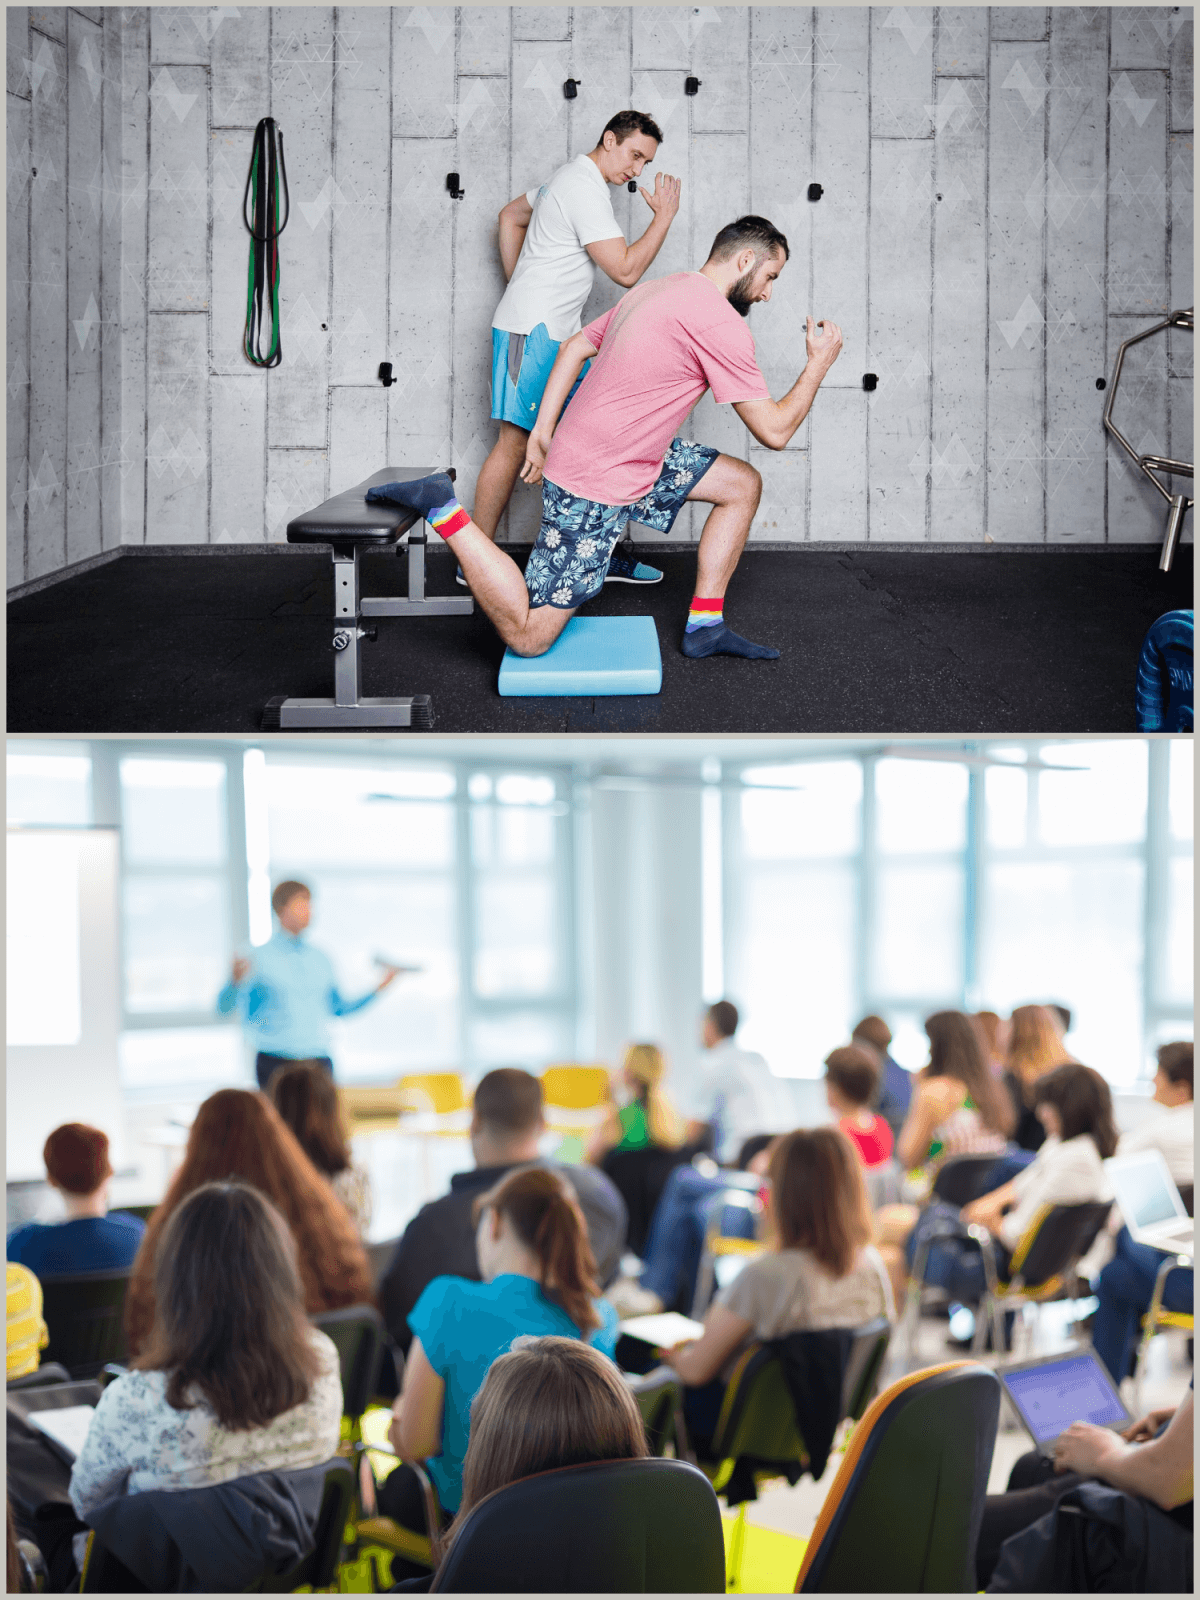 BlueBall Academy - szkolenia z ergonomii w pracy, Krzysztof Olech - nauka prawidłowego wzorca ruchu